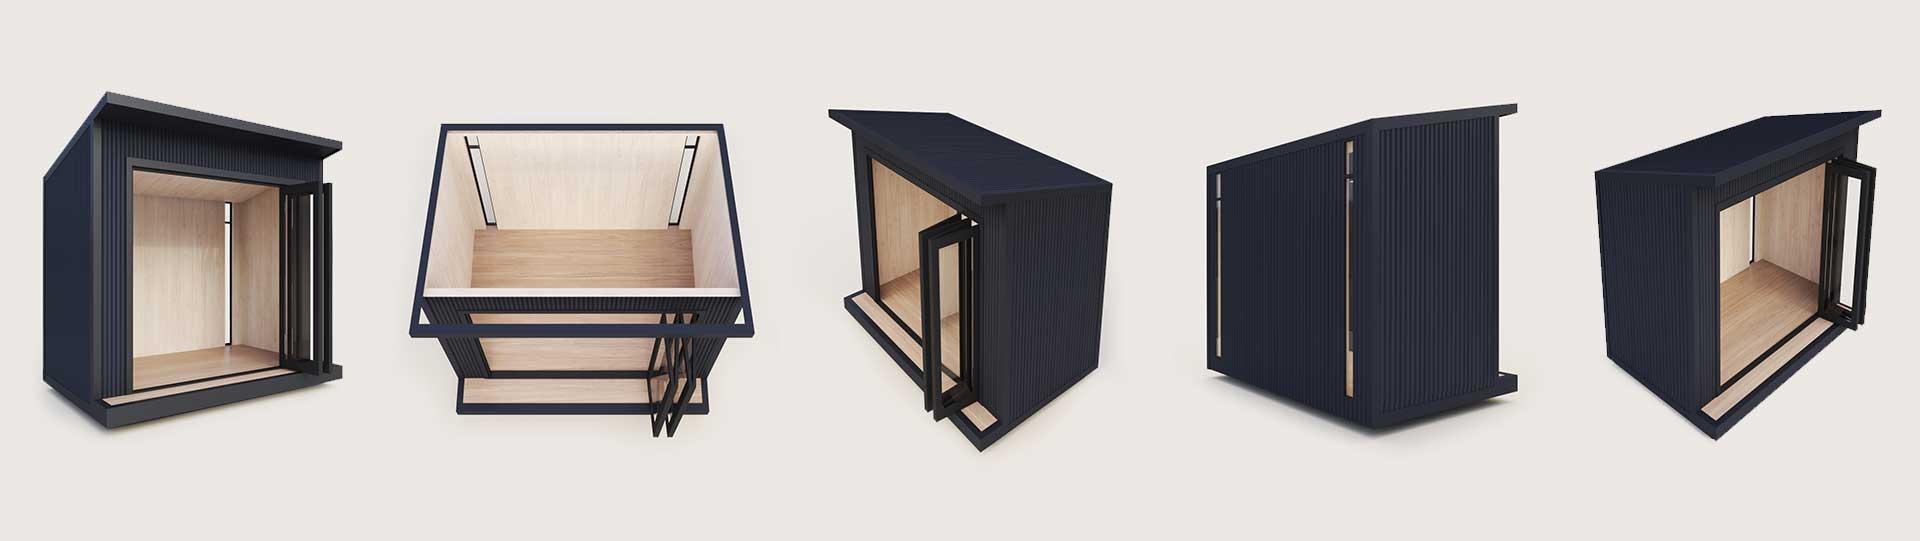 Tinyhome studio pods